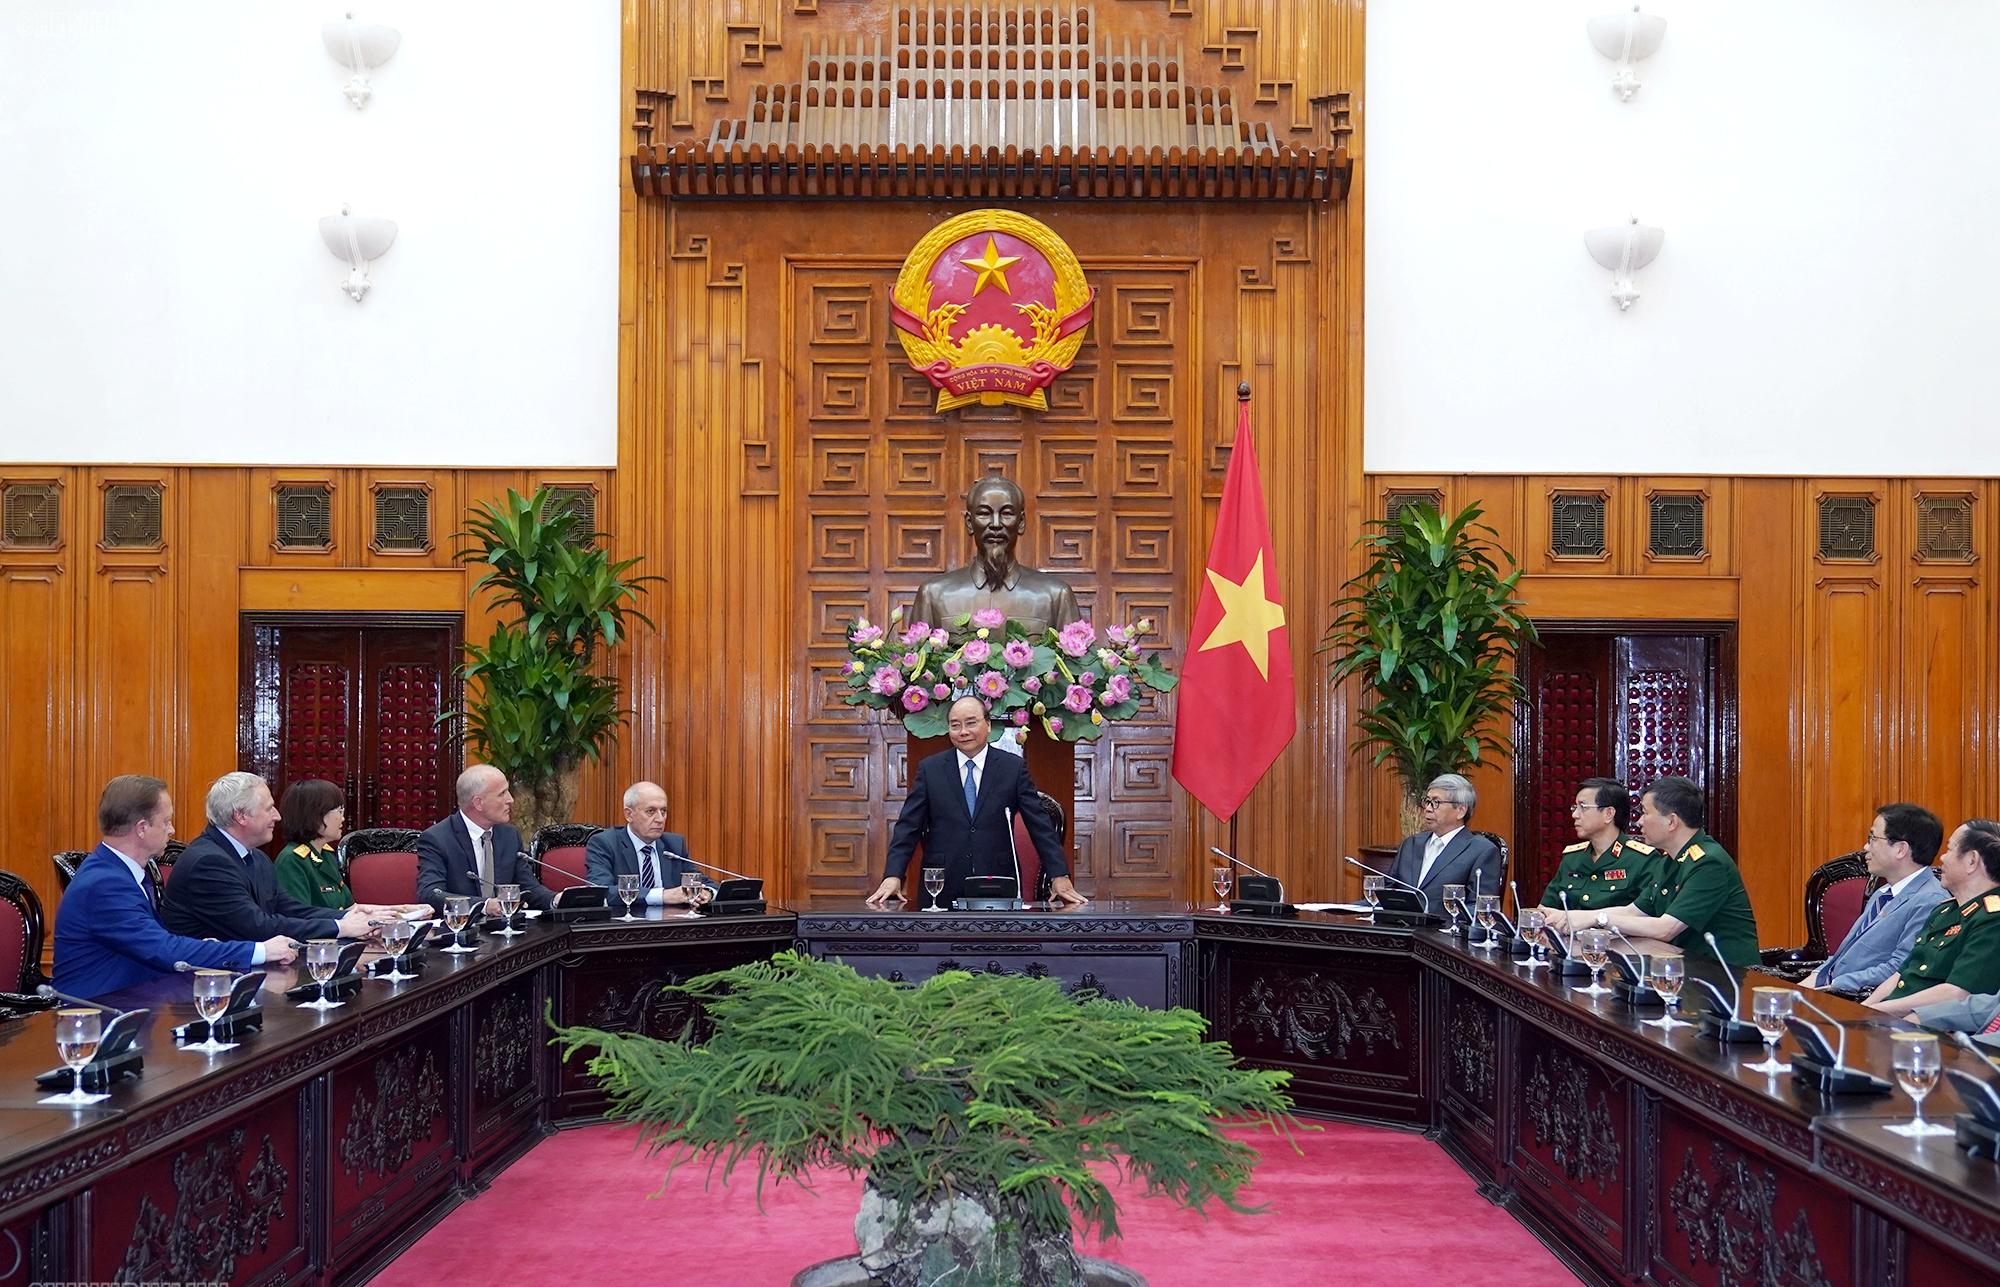 Thủ tướng Nguyễn Xuân Phúc phát biểu tại cuộc làm việc với Hội đồng Khoa học Việt Nam và Liên bang Nga.